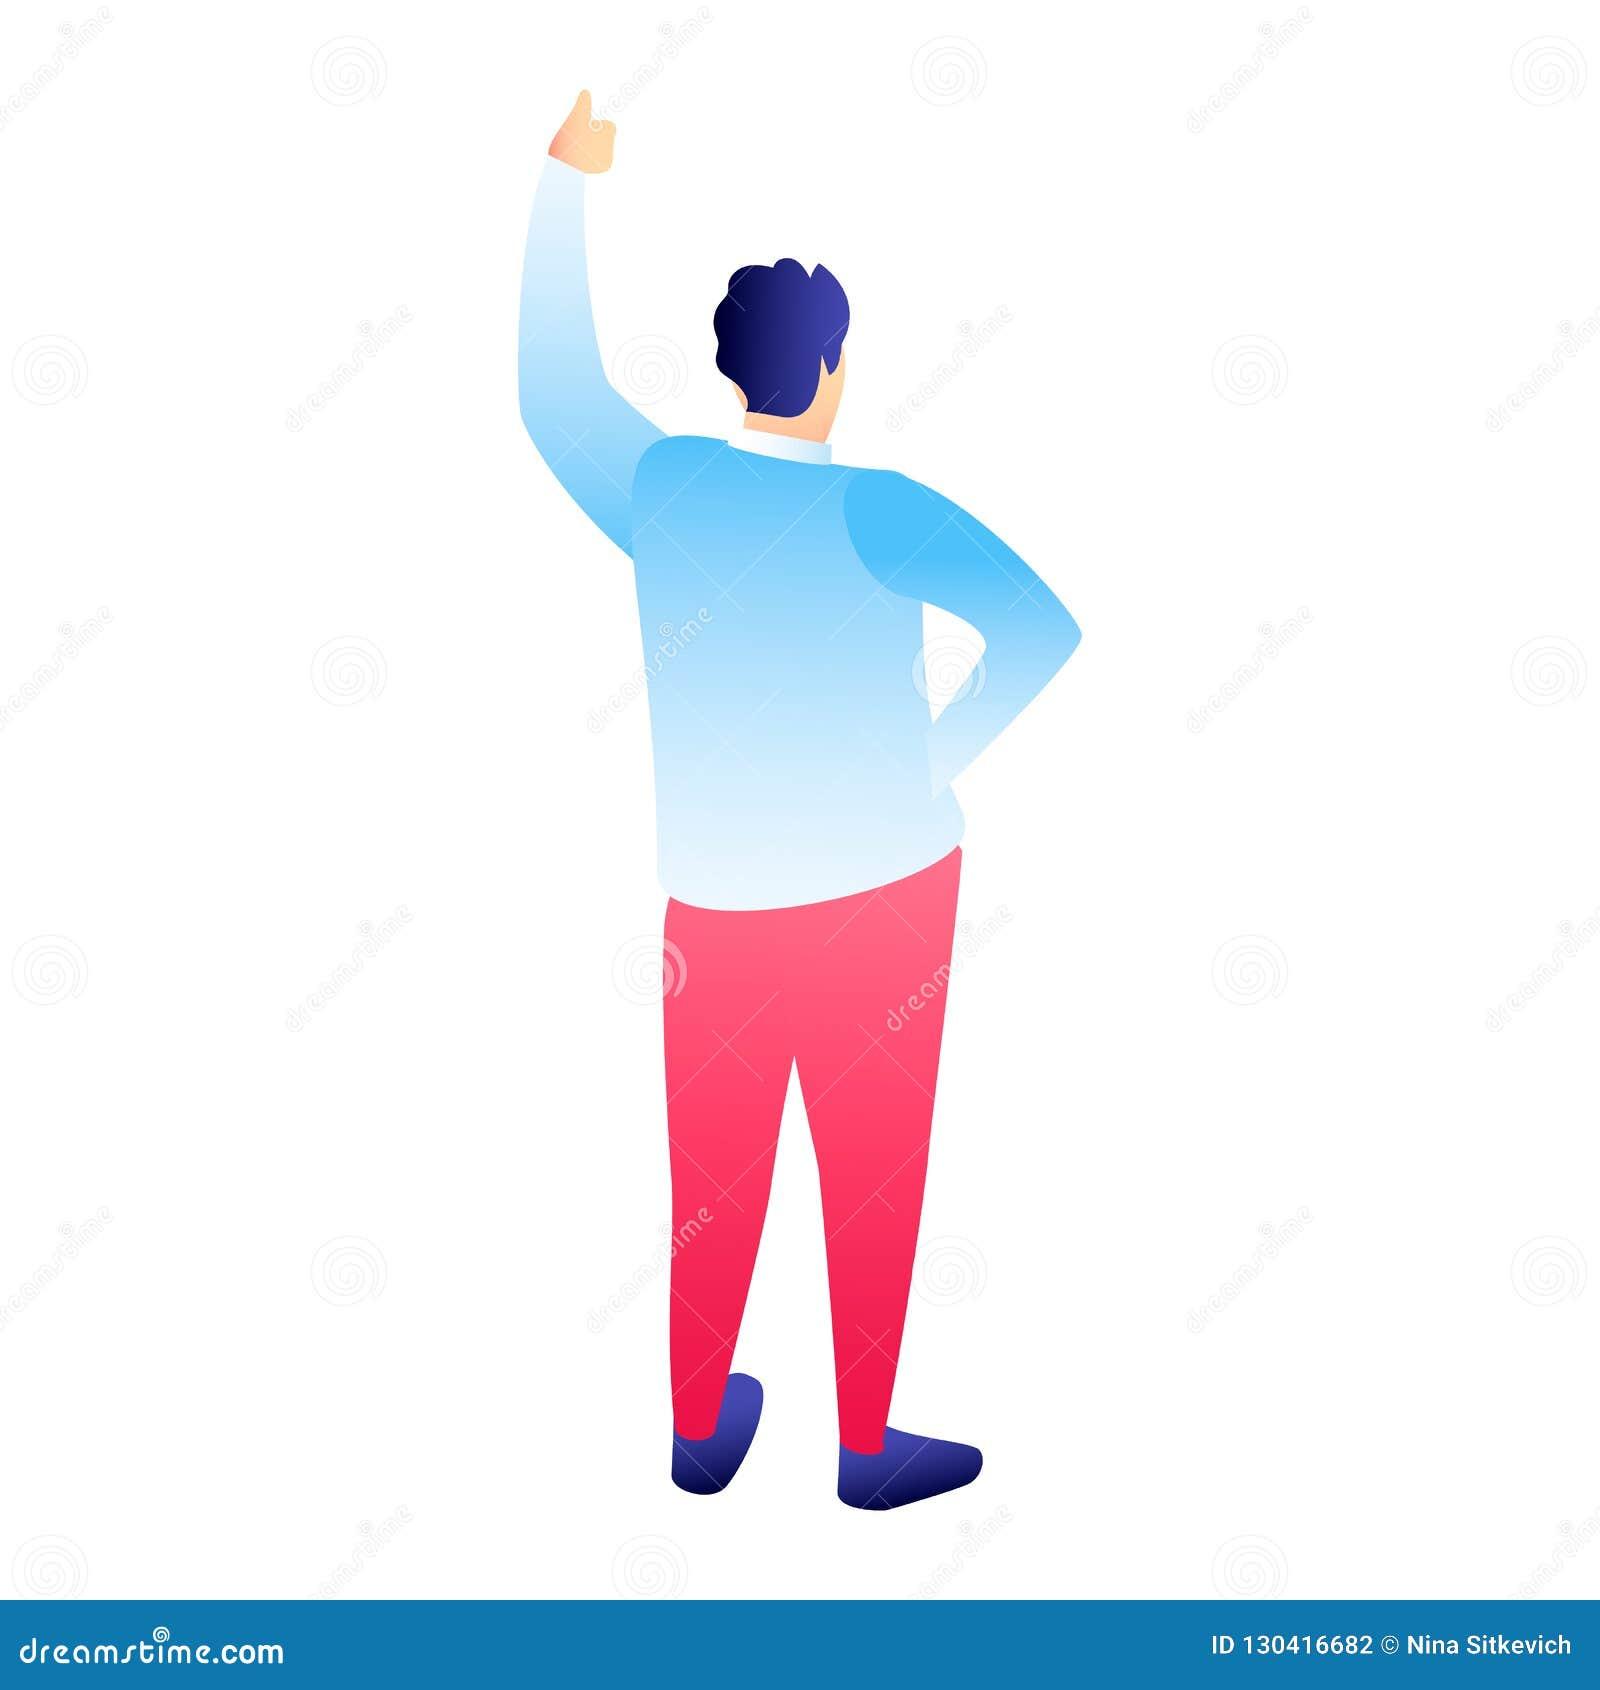 Большой палец руки человека вверх по значку, равновеликому стилю